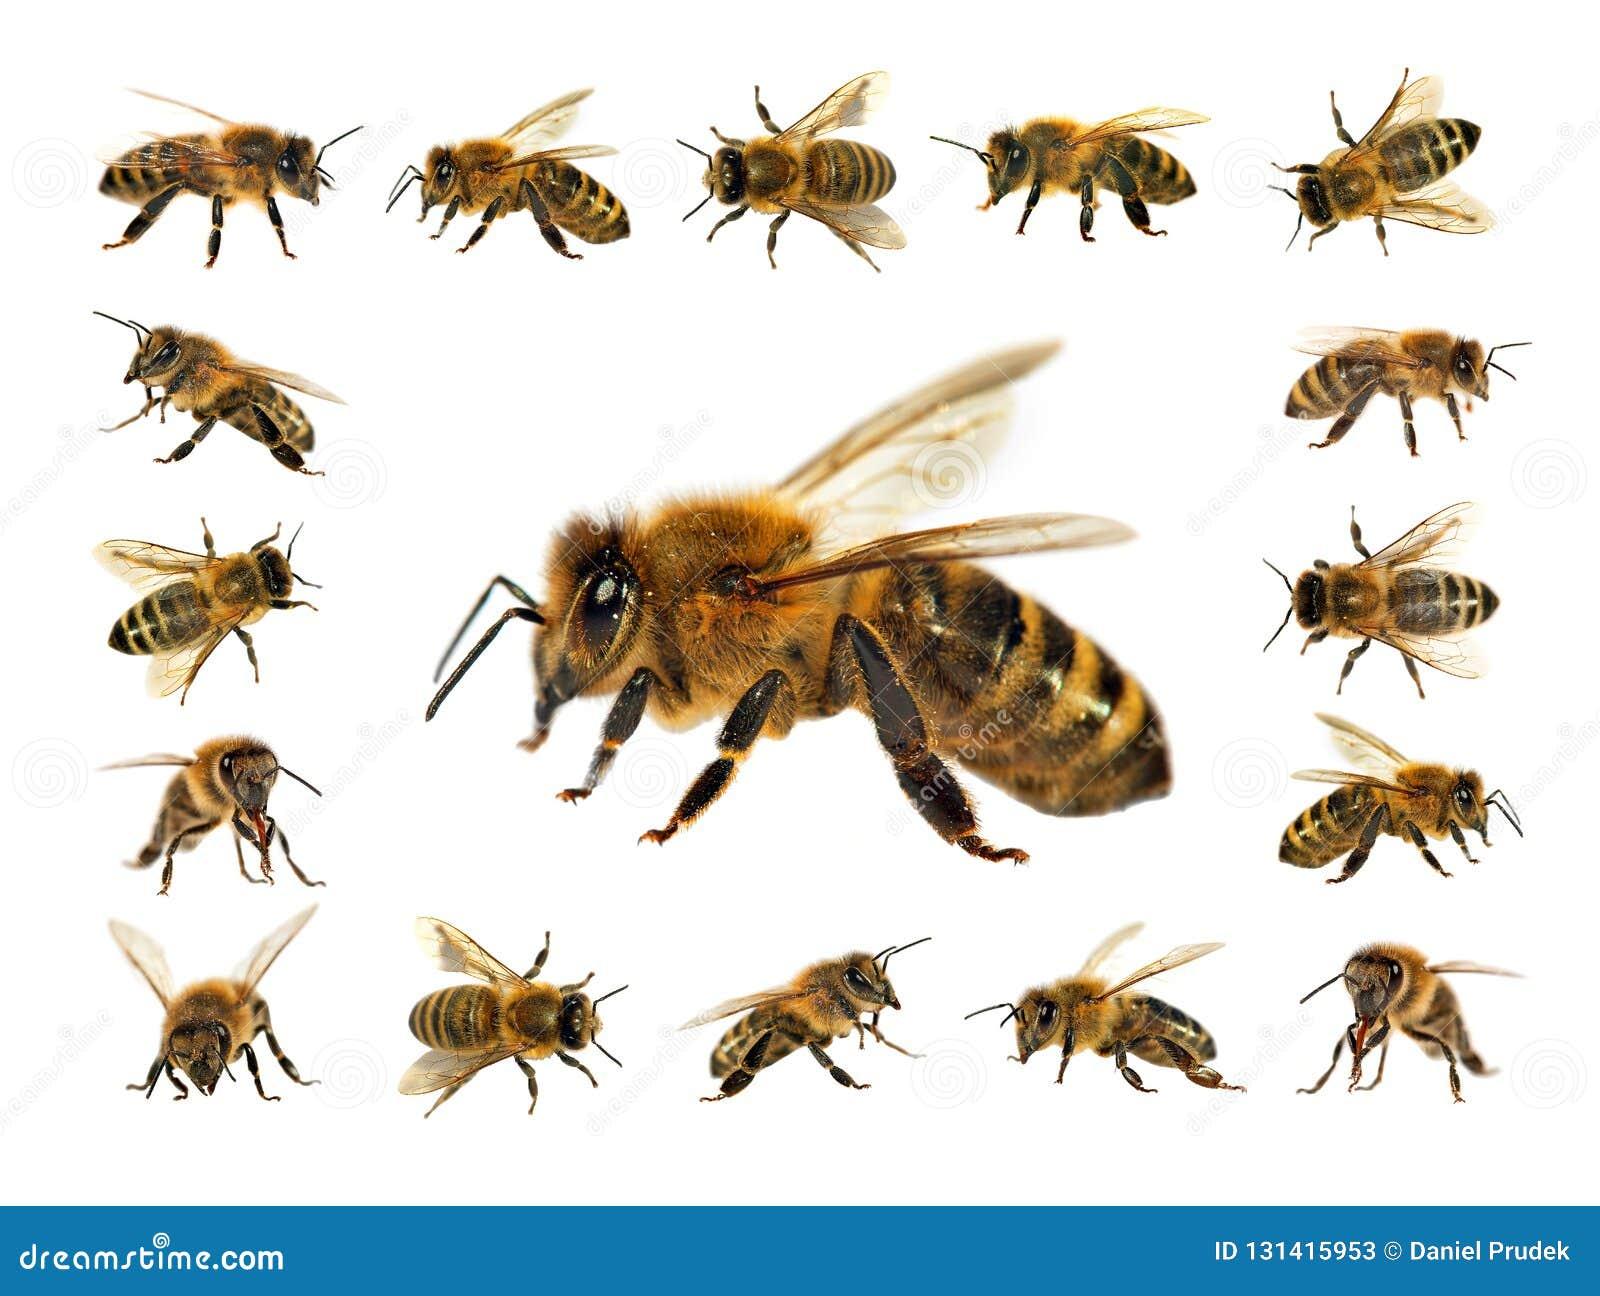 Ομάδα μέλισσας ή μέλισσας στις λατινικές μέλισσες μελιού Apis Mellifera, ευρωπαϊκά ή δυτικά που απομονώνονται στο άσπρο υπόβαθρο,